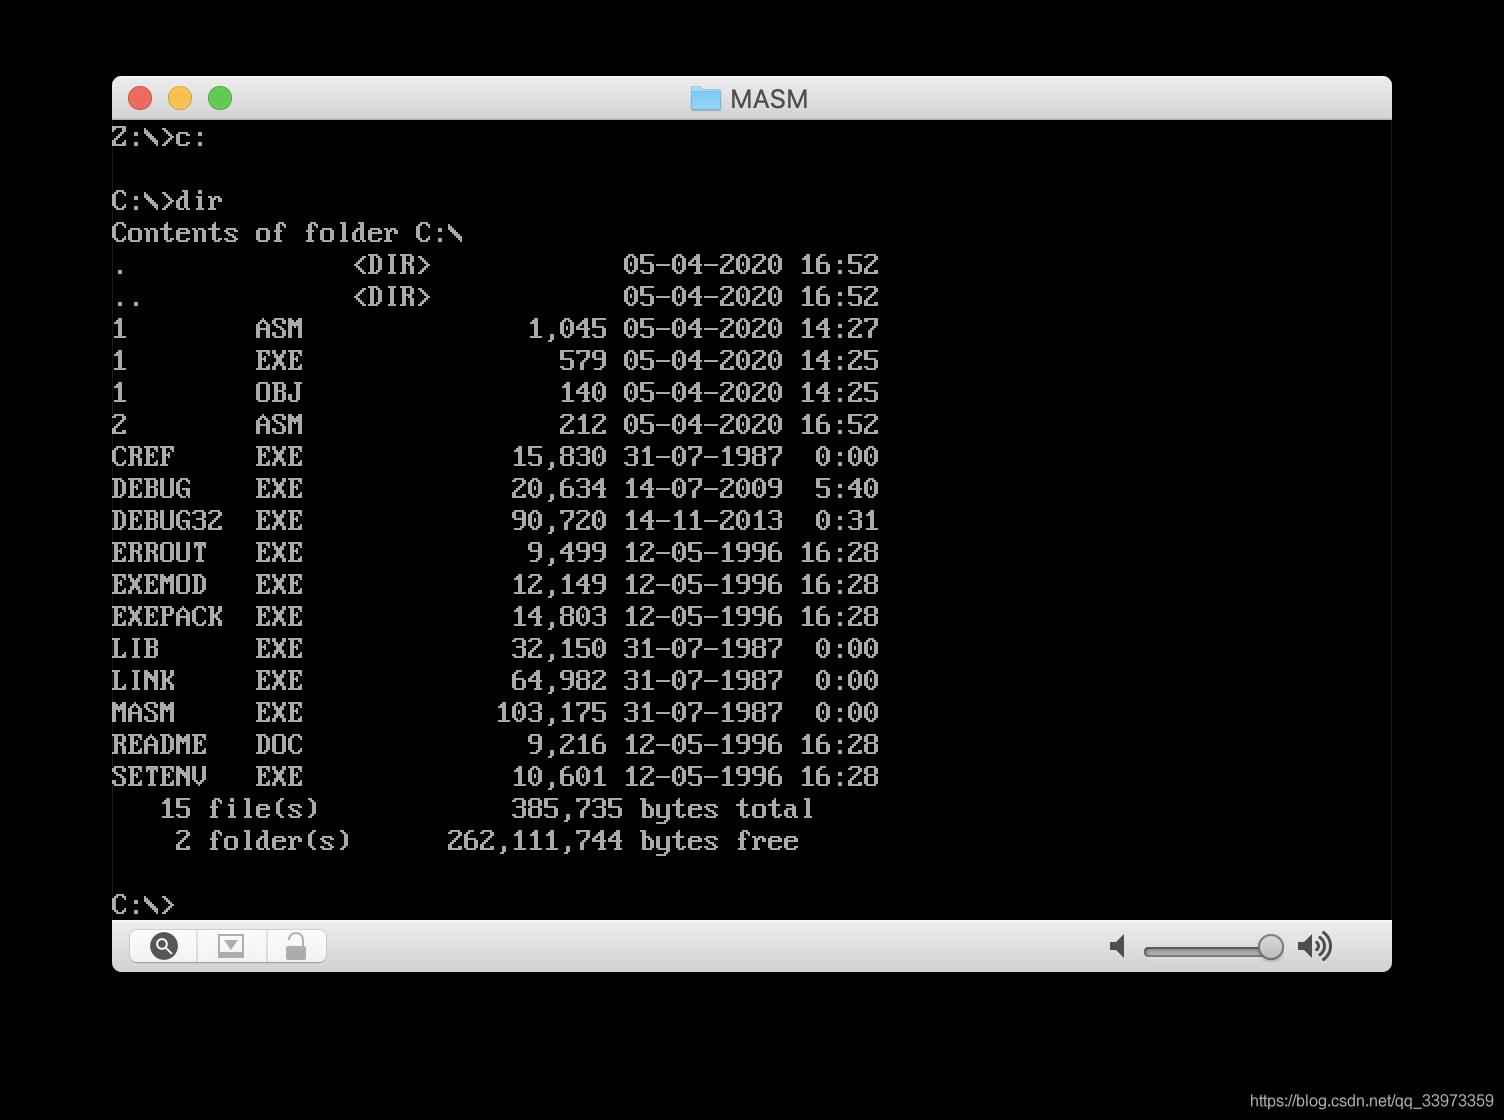 挂载成功后,切换到c盘,并列出当前文件夹内容